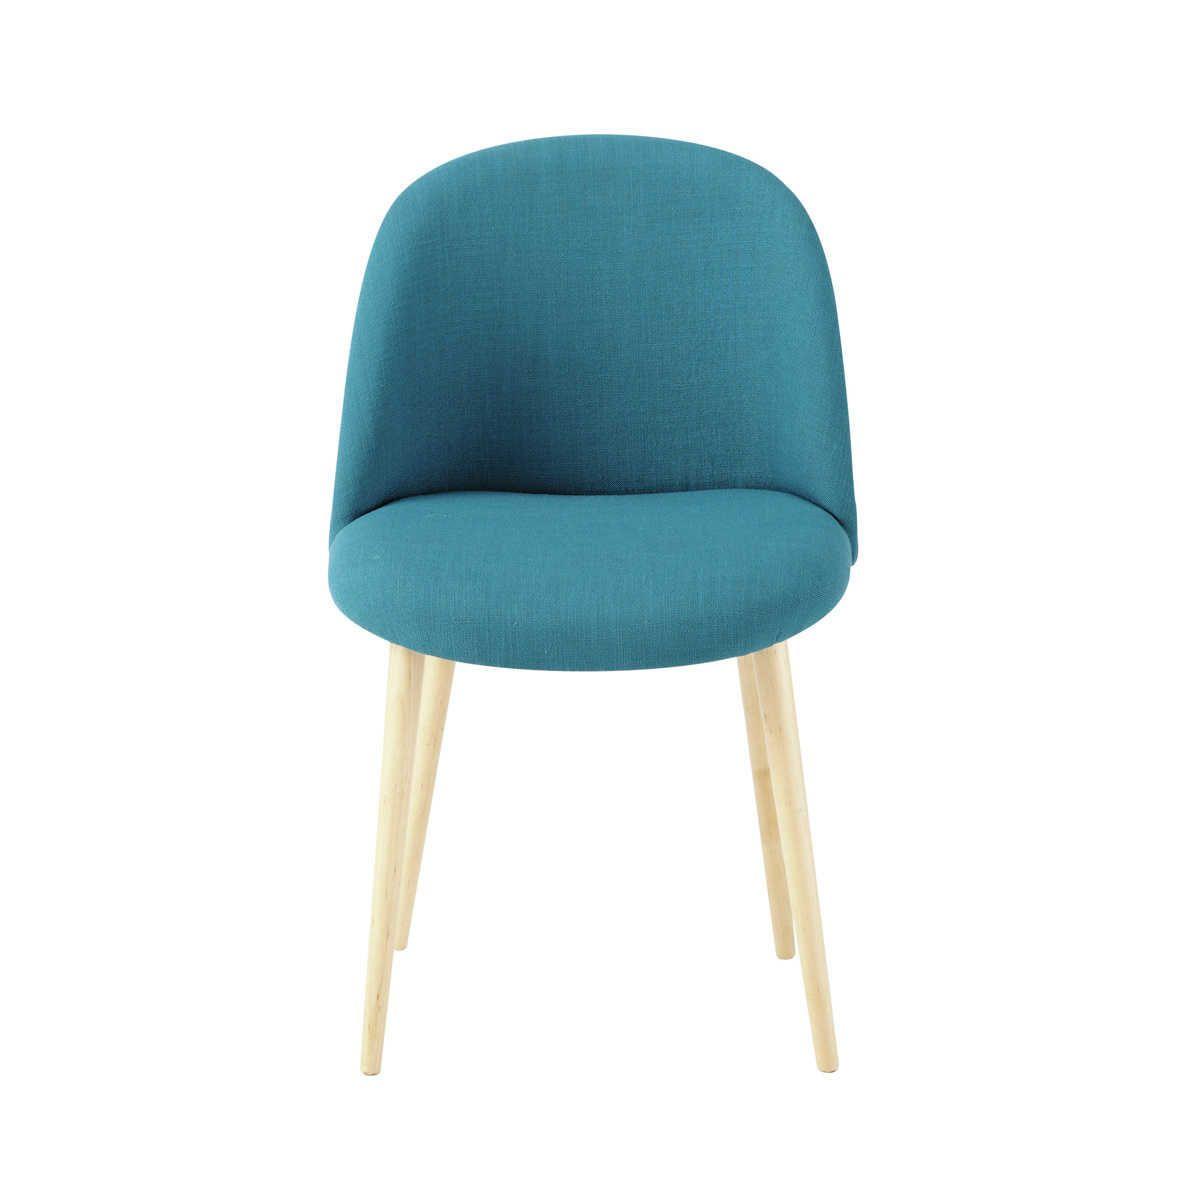 Chaise Vintage En Tissu Et Bouleau Massif Bleu Petrole Mauricette Chaise Vintage Chaises D Epoque Chaises De Salle A Manger Noires